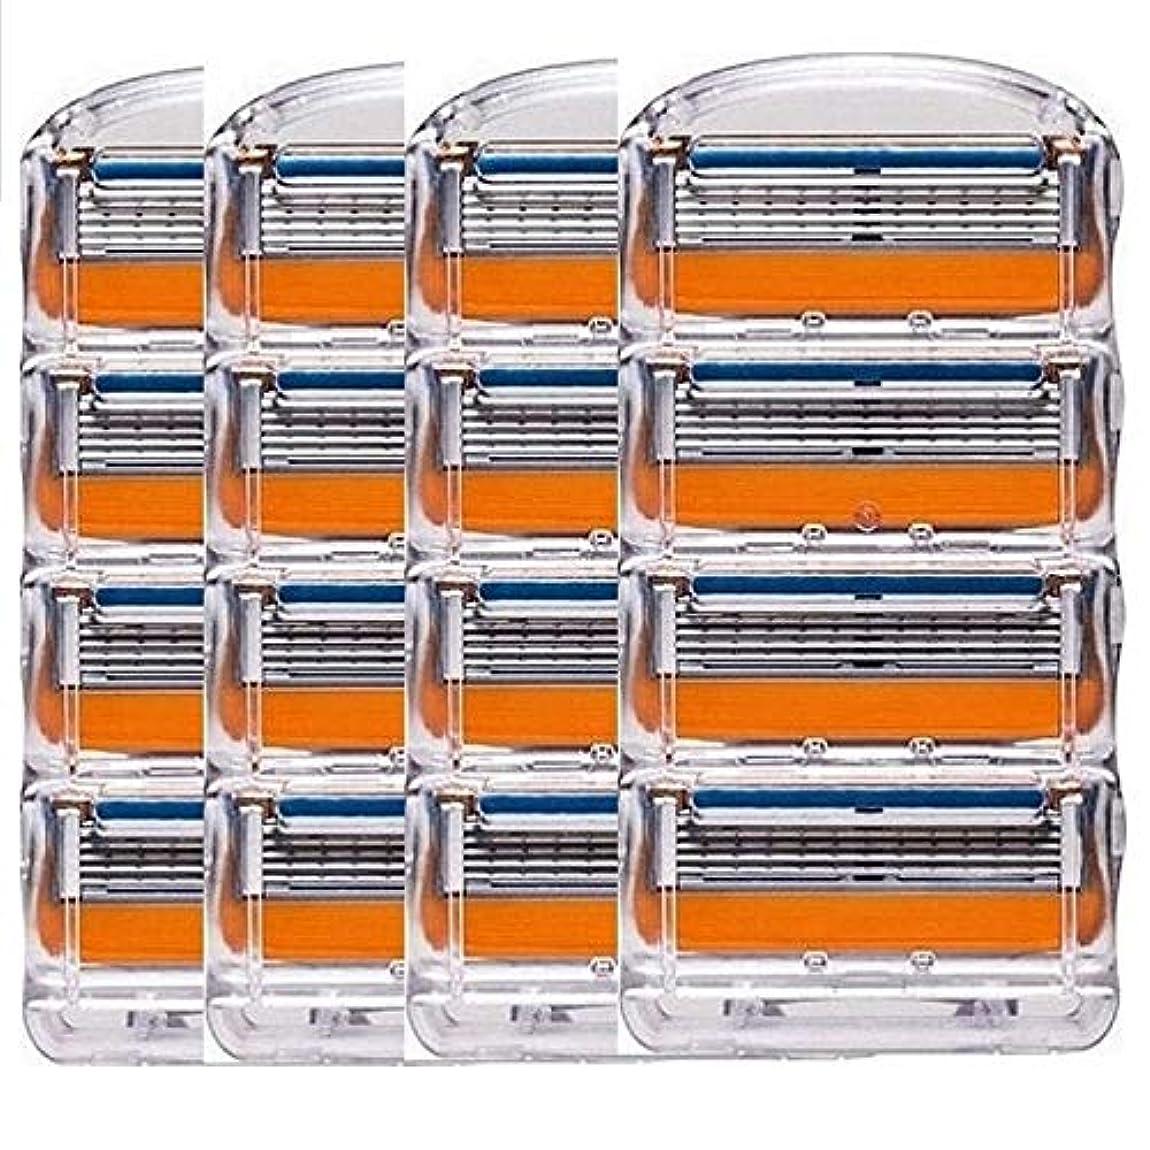 ぼかし競争力のある捕虜ジレット フュージョン用 替刃 互換品 4セット 16個 髭剃り Gillette Fusion プログライド パワー 替え刃 オレンジ